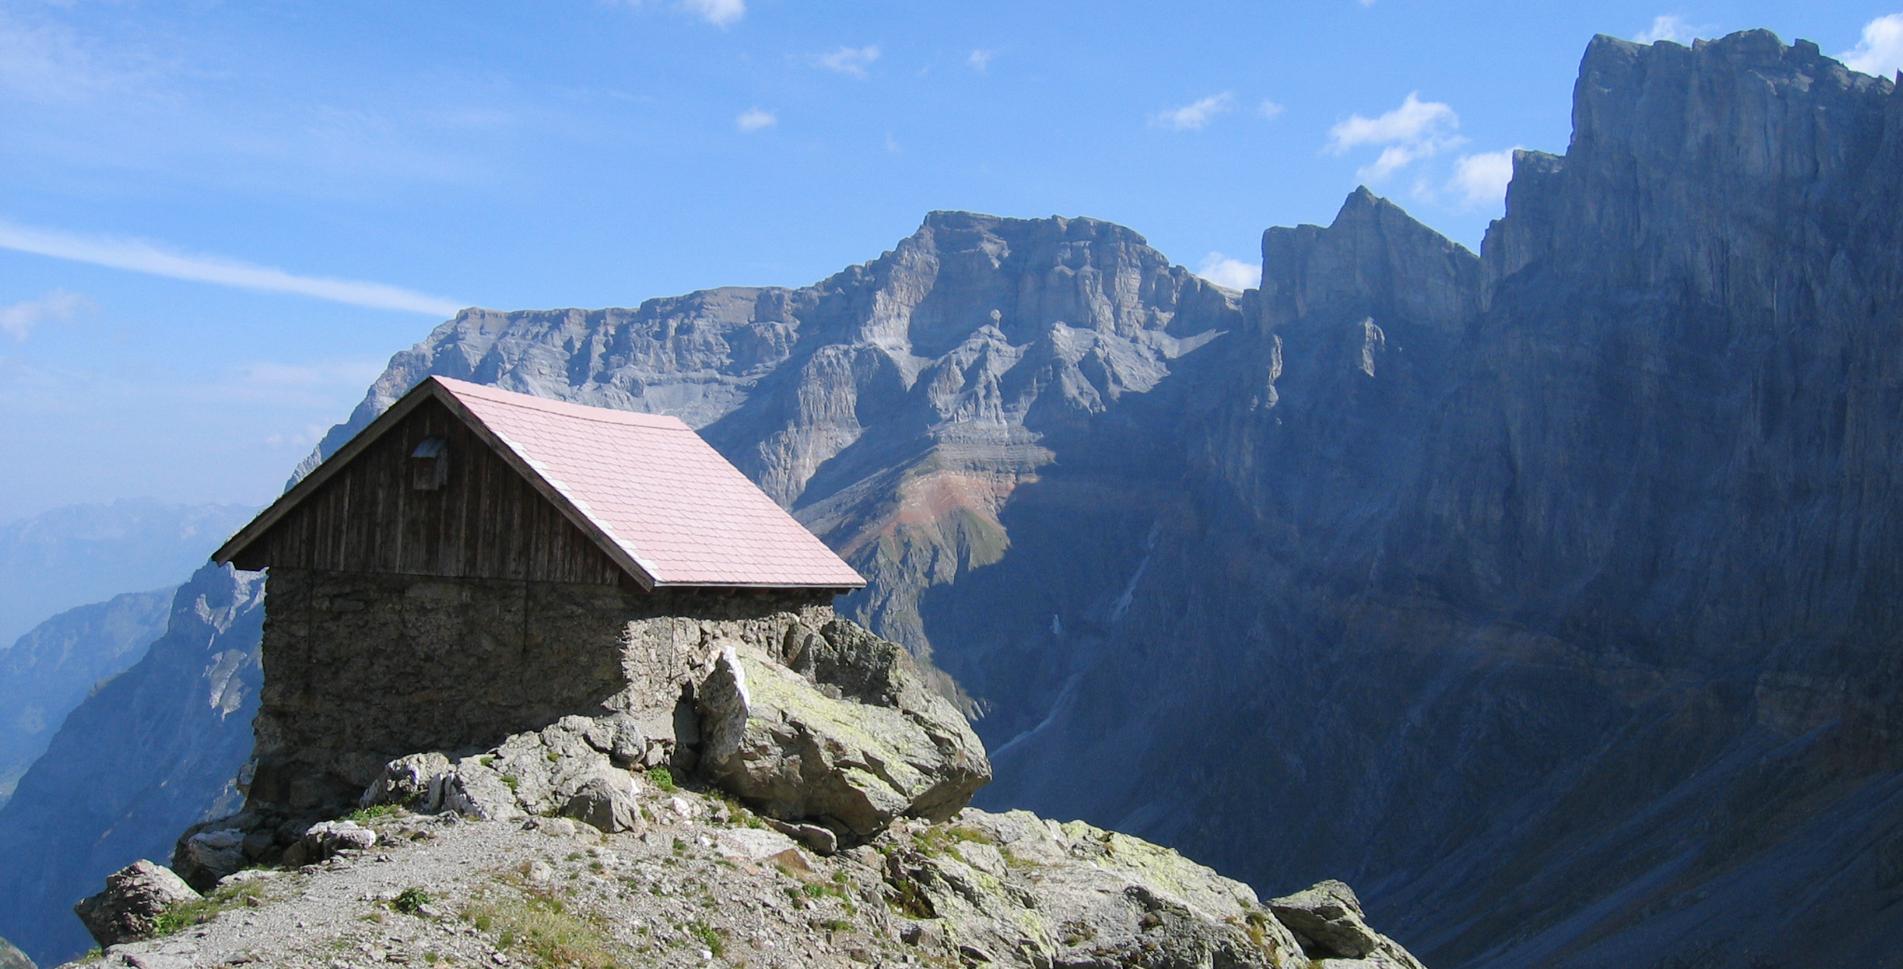 Rundwanderung Fridolinshütten – Claridenhütte – Tierfehd